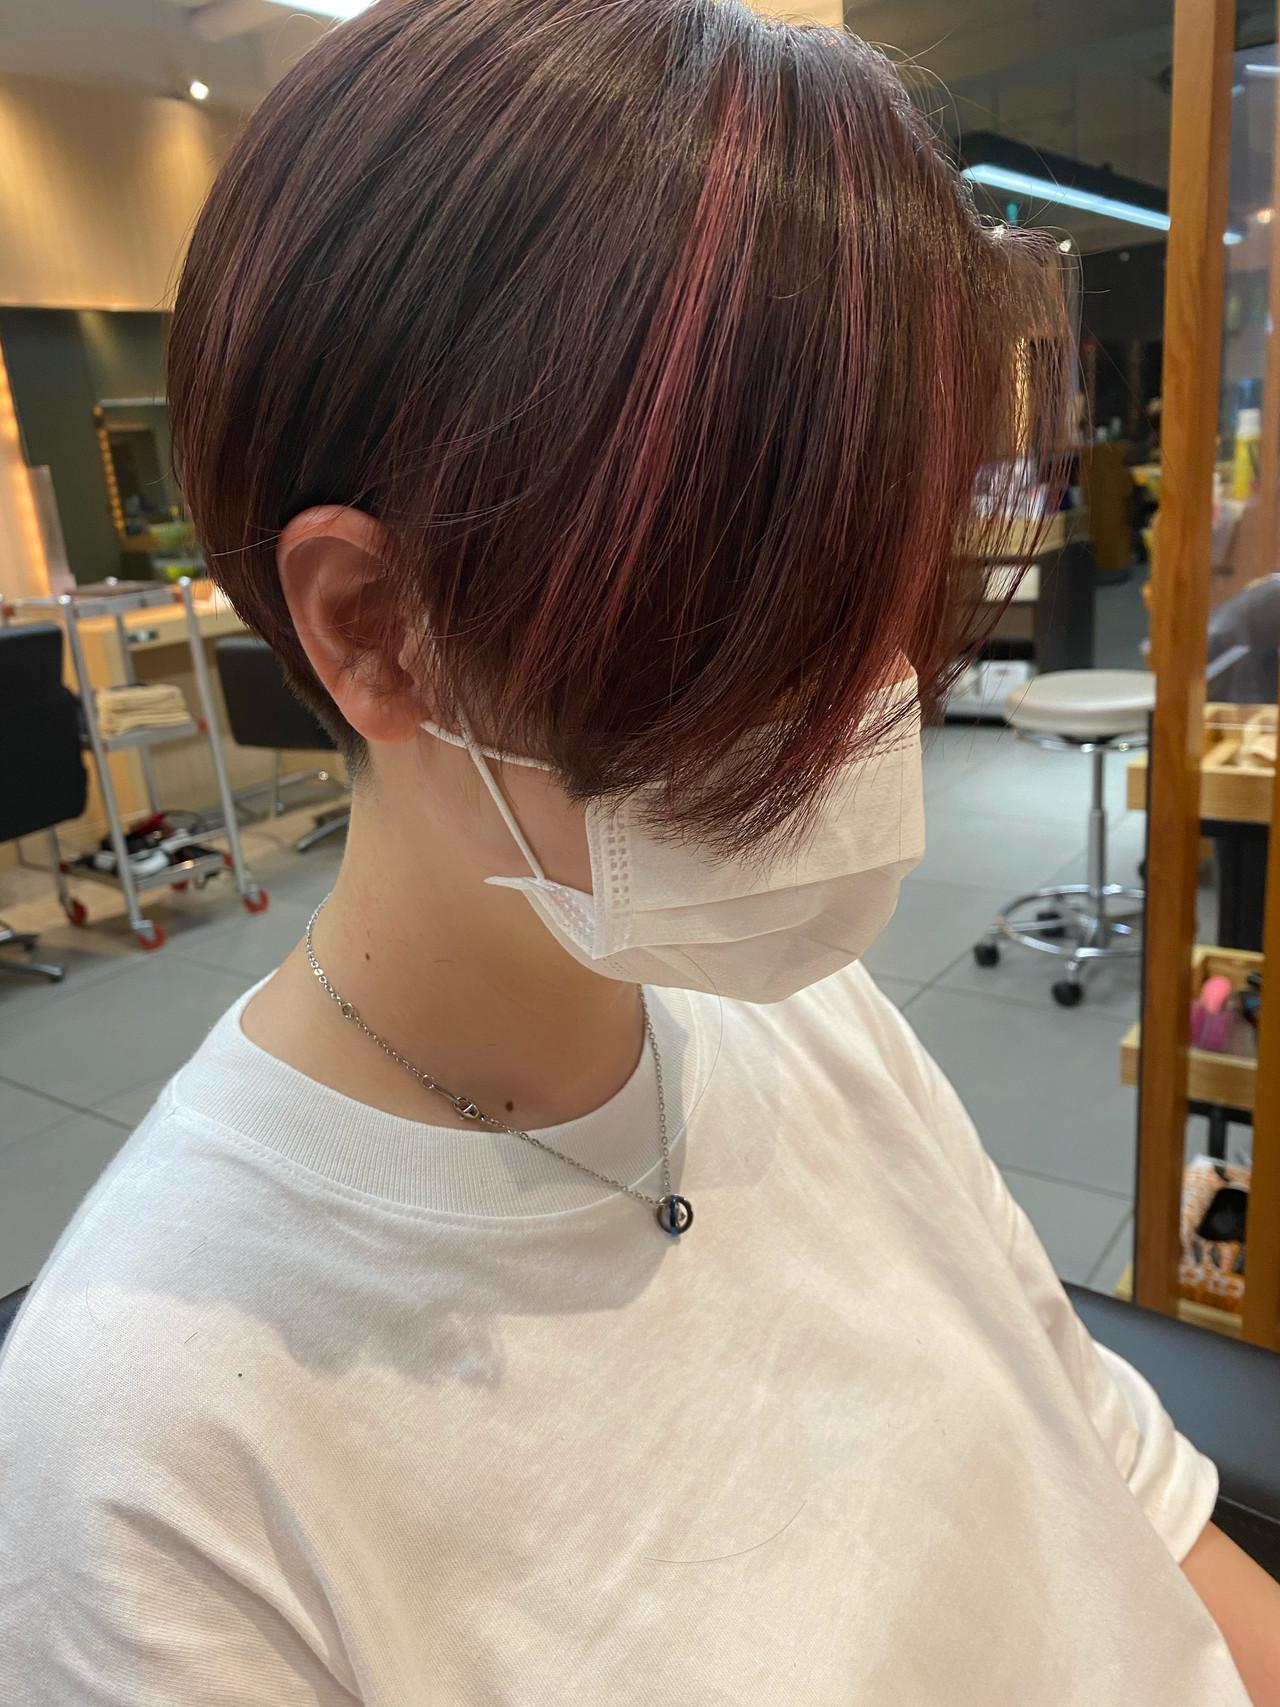 ツーブロック ハイライト ハンサムショート ピンク ヘアスタイルや髪型の写真・画像